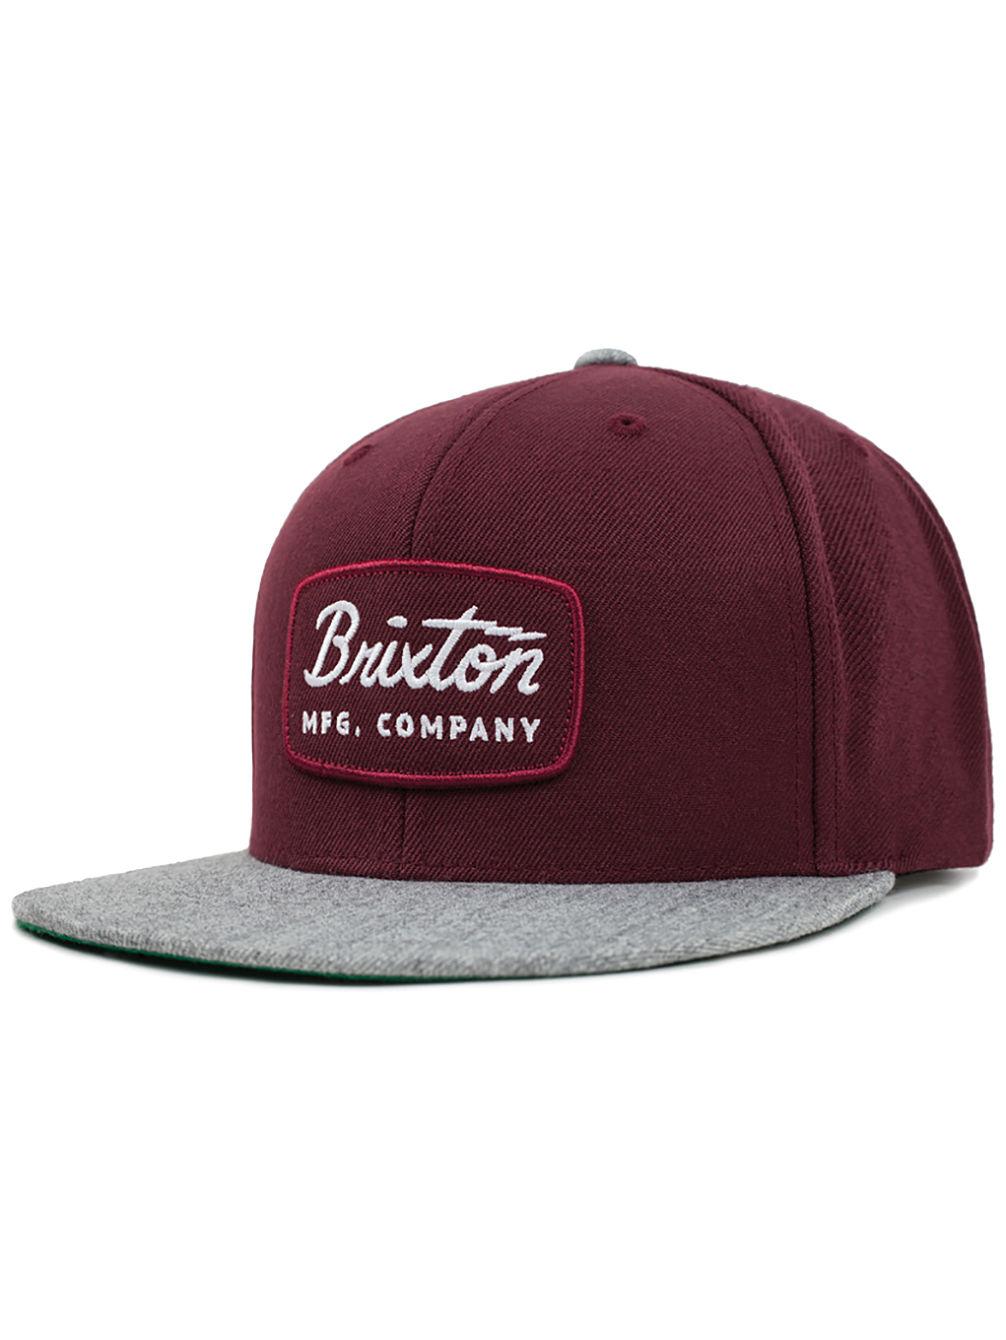 Buy Brixton Jolt Snapback Cap online at blue-tomato.com c869351270ec